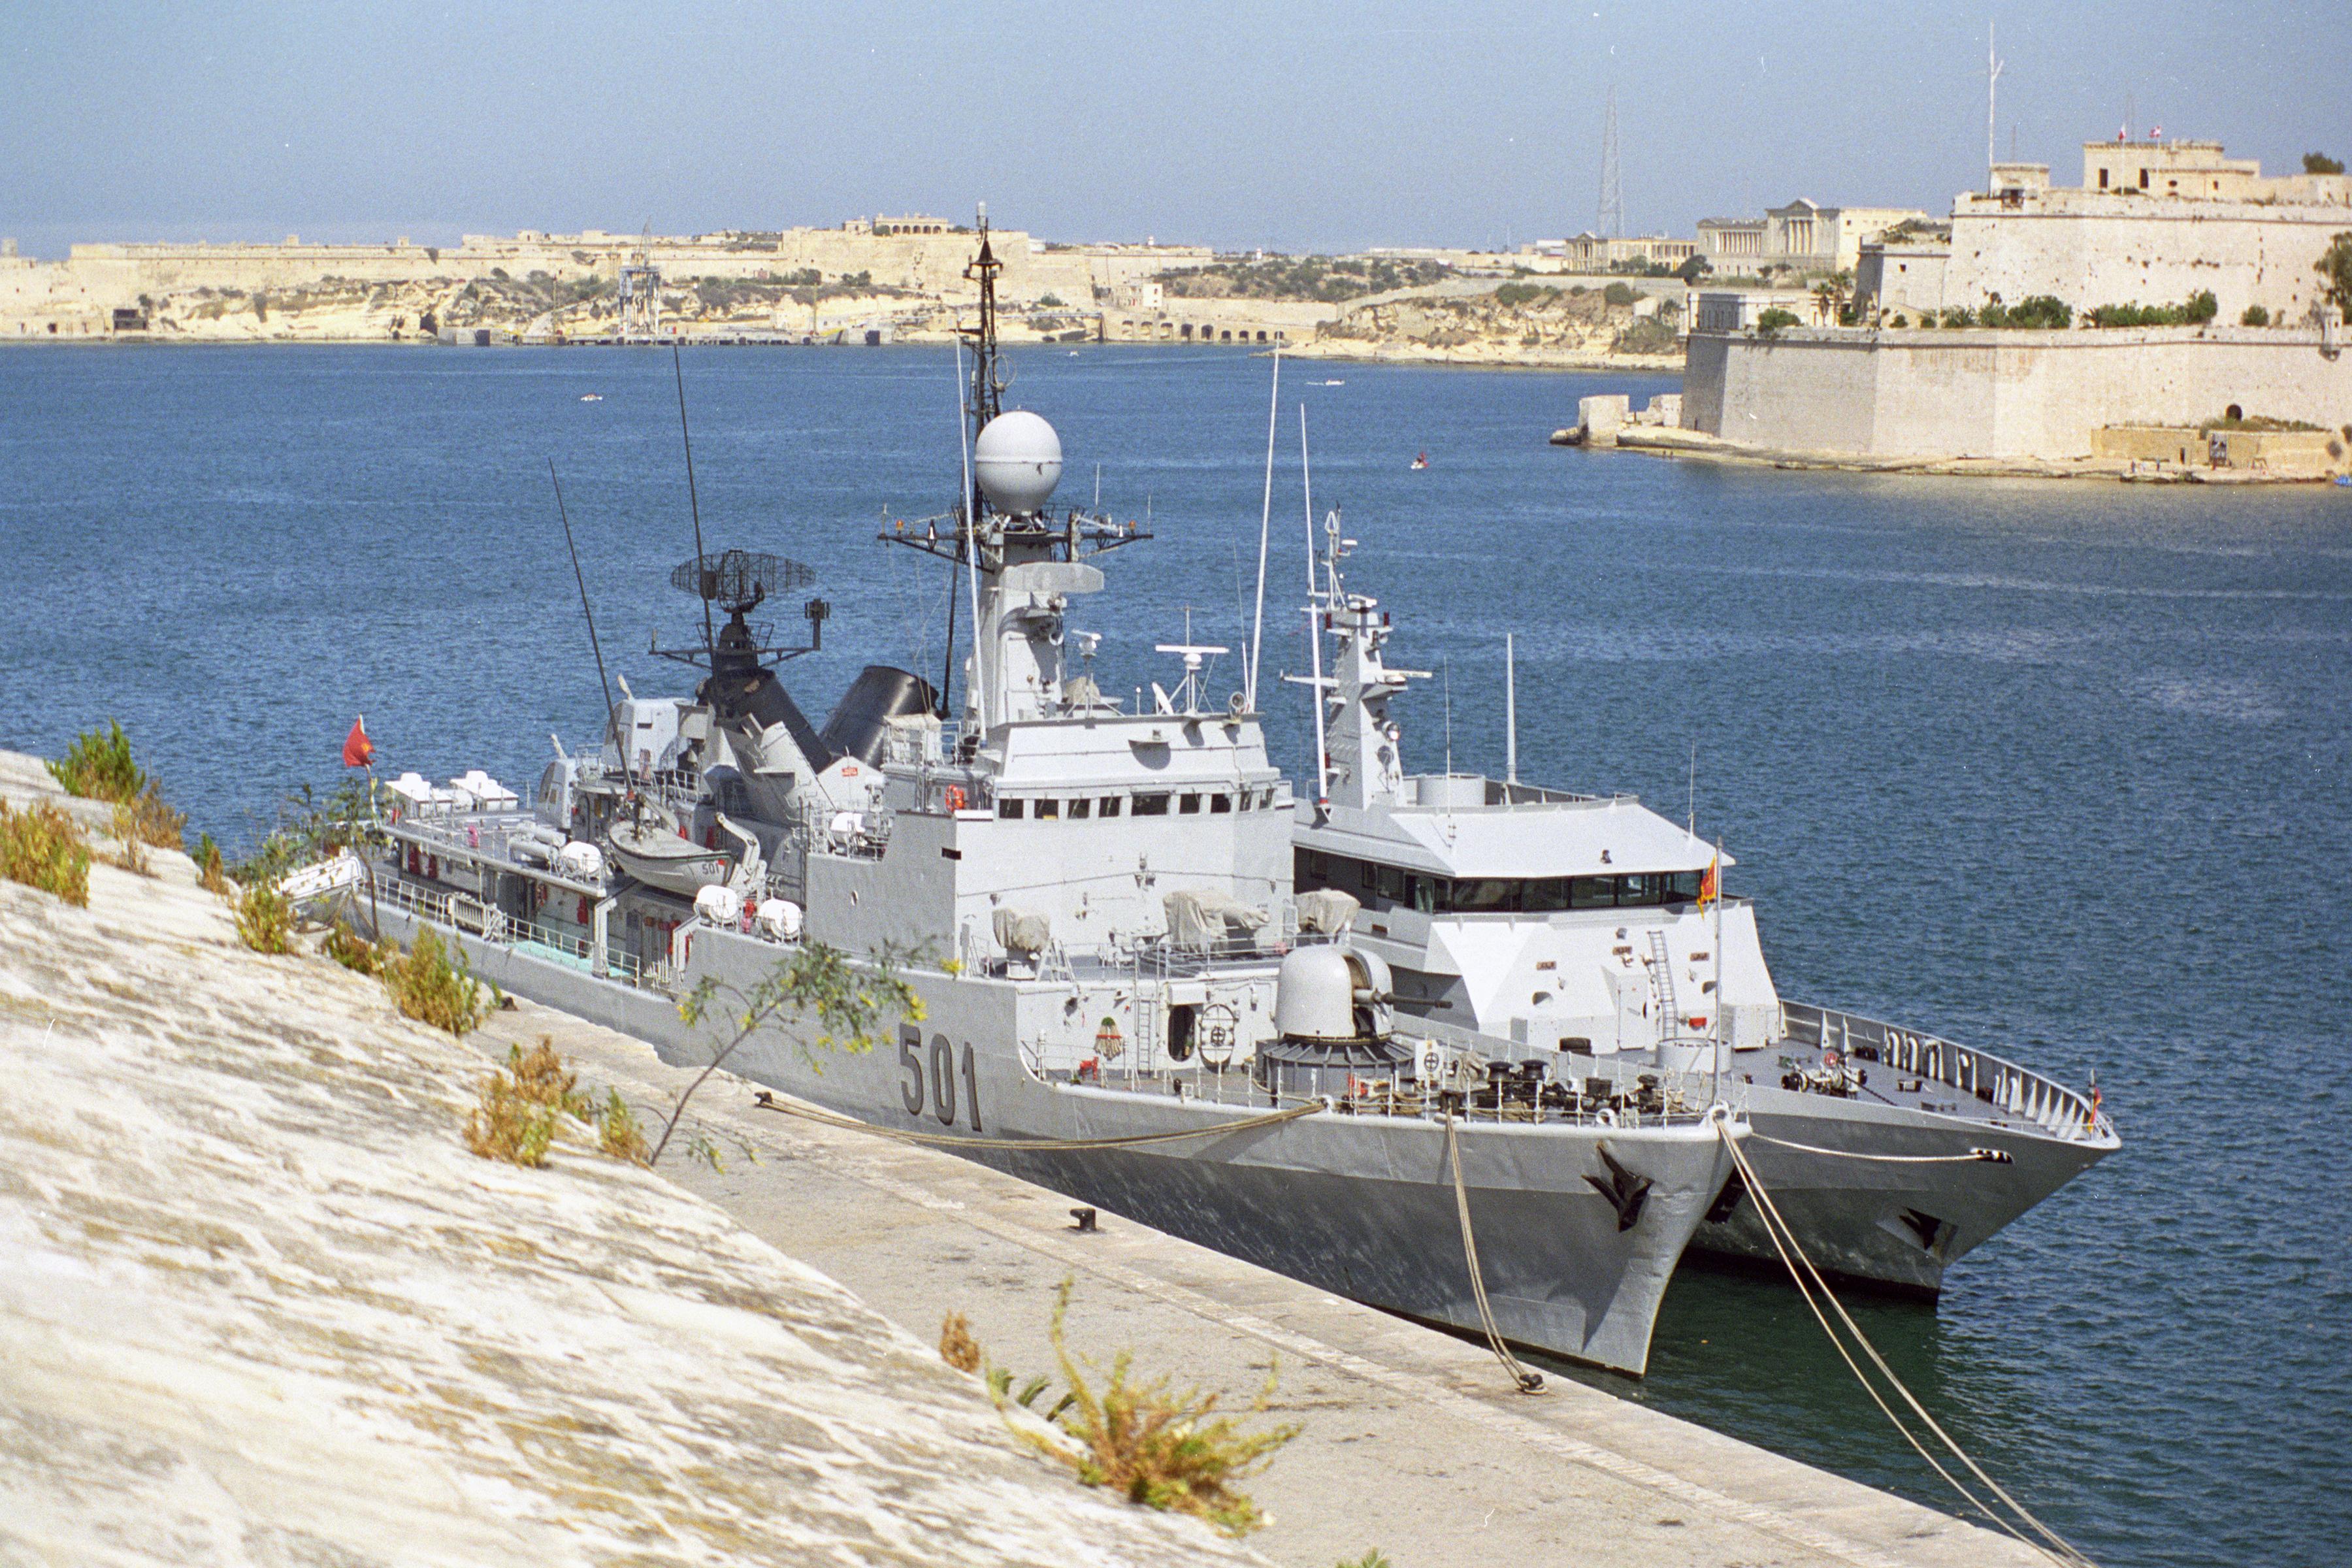 Royal Moroccan Navy Descubierta Frigate / Patrouilleur Océanique Lt Cl Errahmani - Bâtiment École - Page 3 24349975624_df88e35798_o